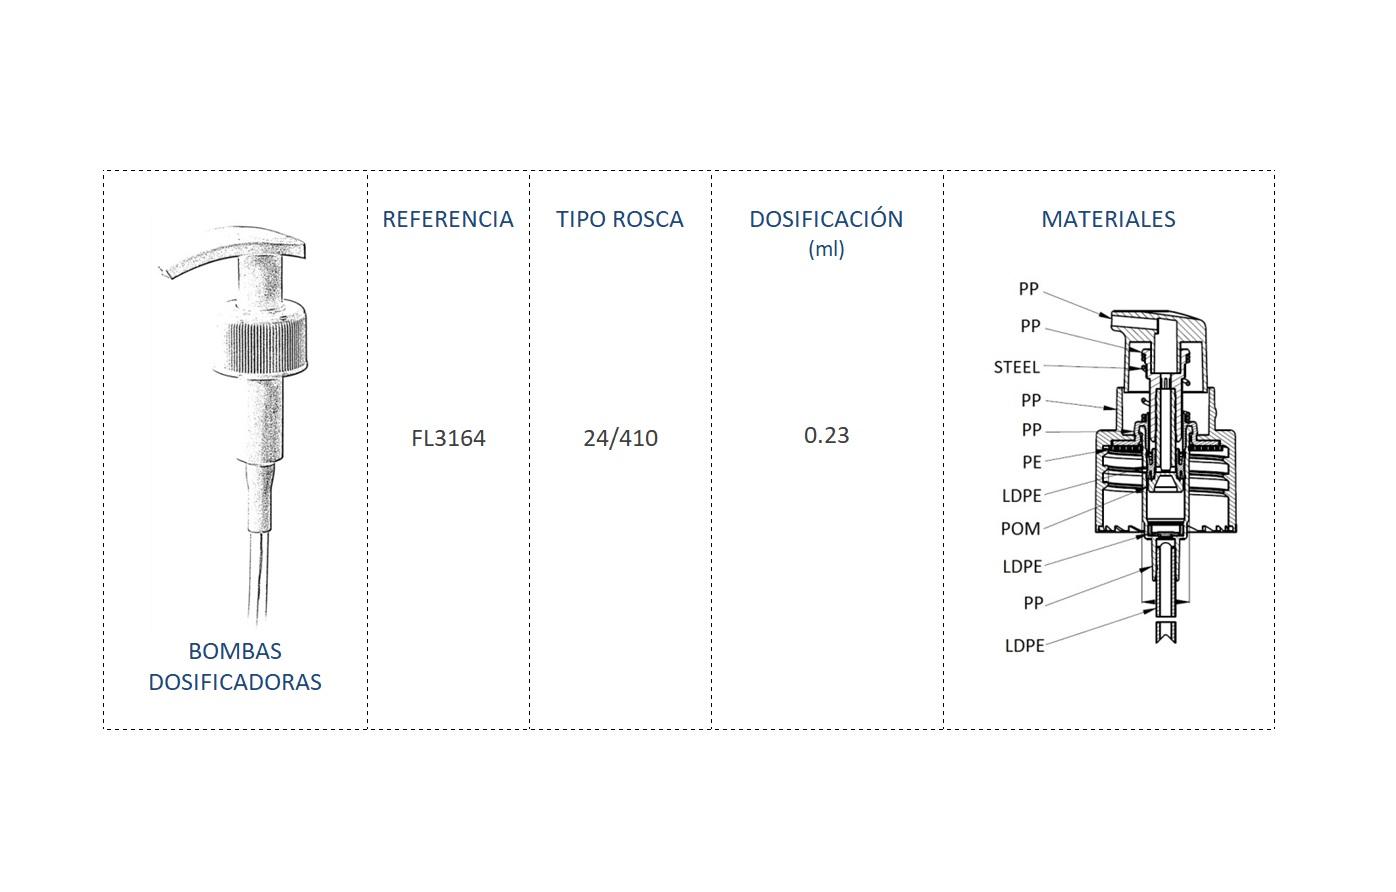 Cuadro materiales bomba dosificadora FL3164 24/410